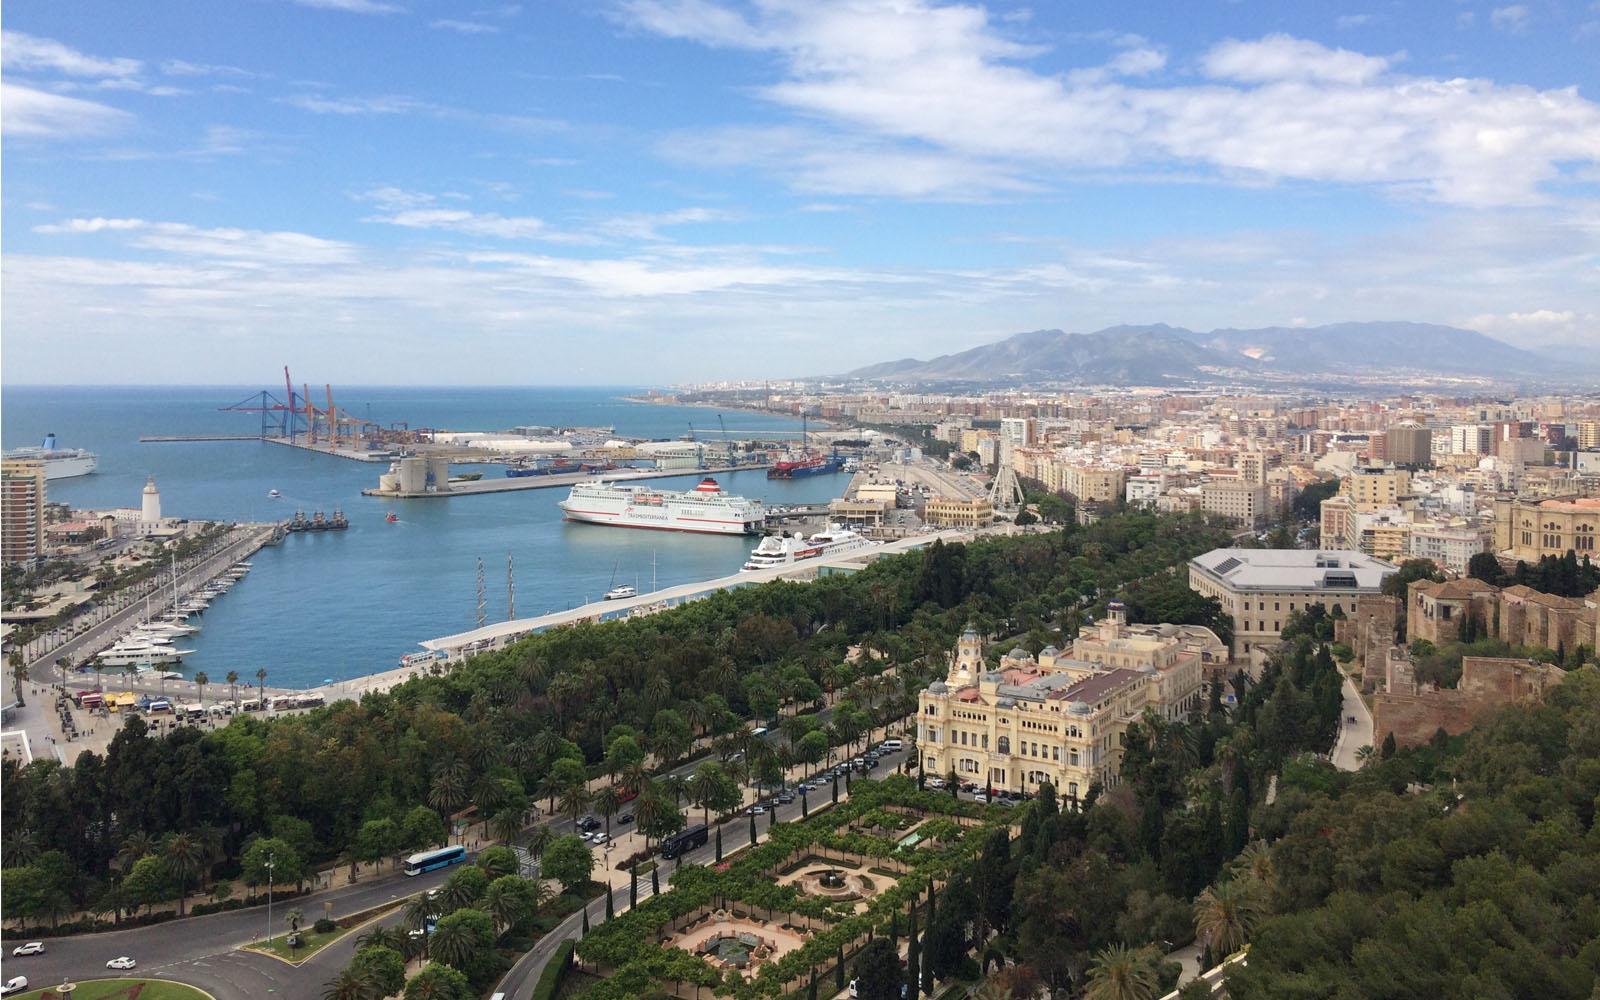 Veduta panoramica di Malaga nel percorso che conduce in cima al Castello di Gibralfaro.